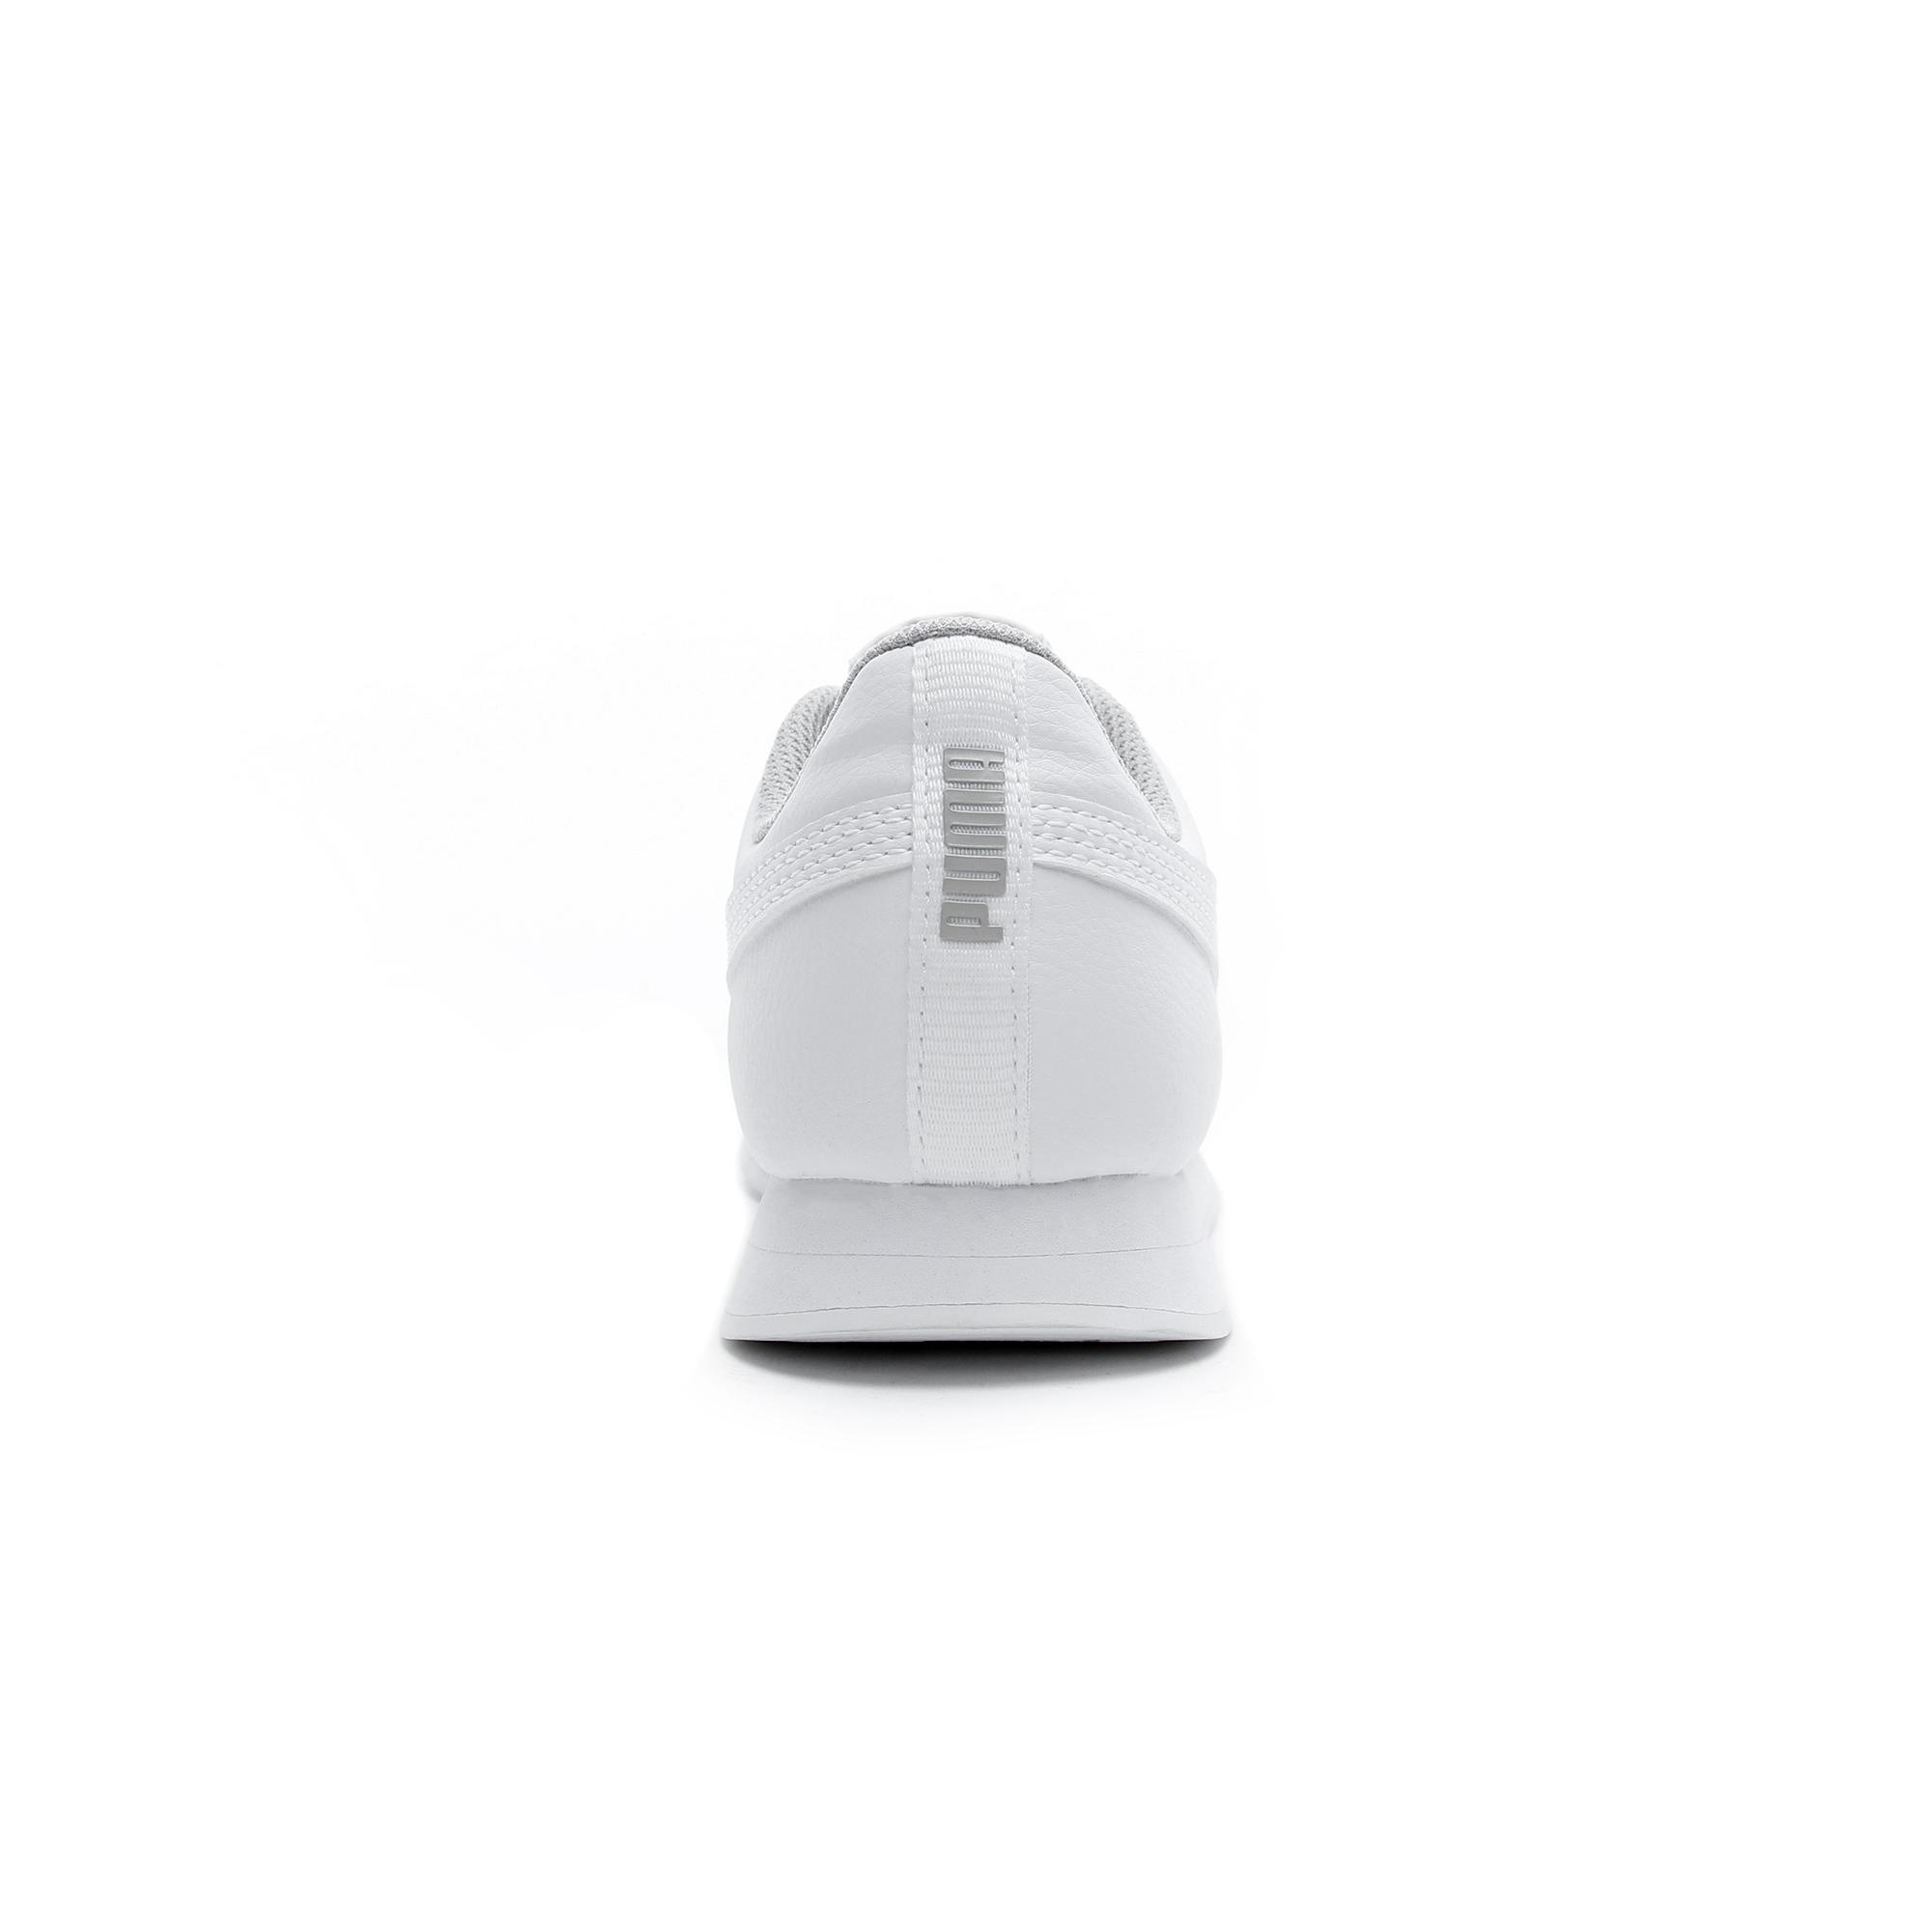 Puma Turin II Kadın Beyaz Spor Ayakkabı